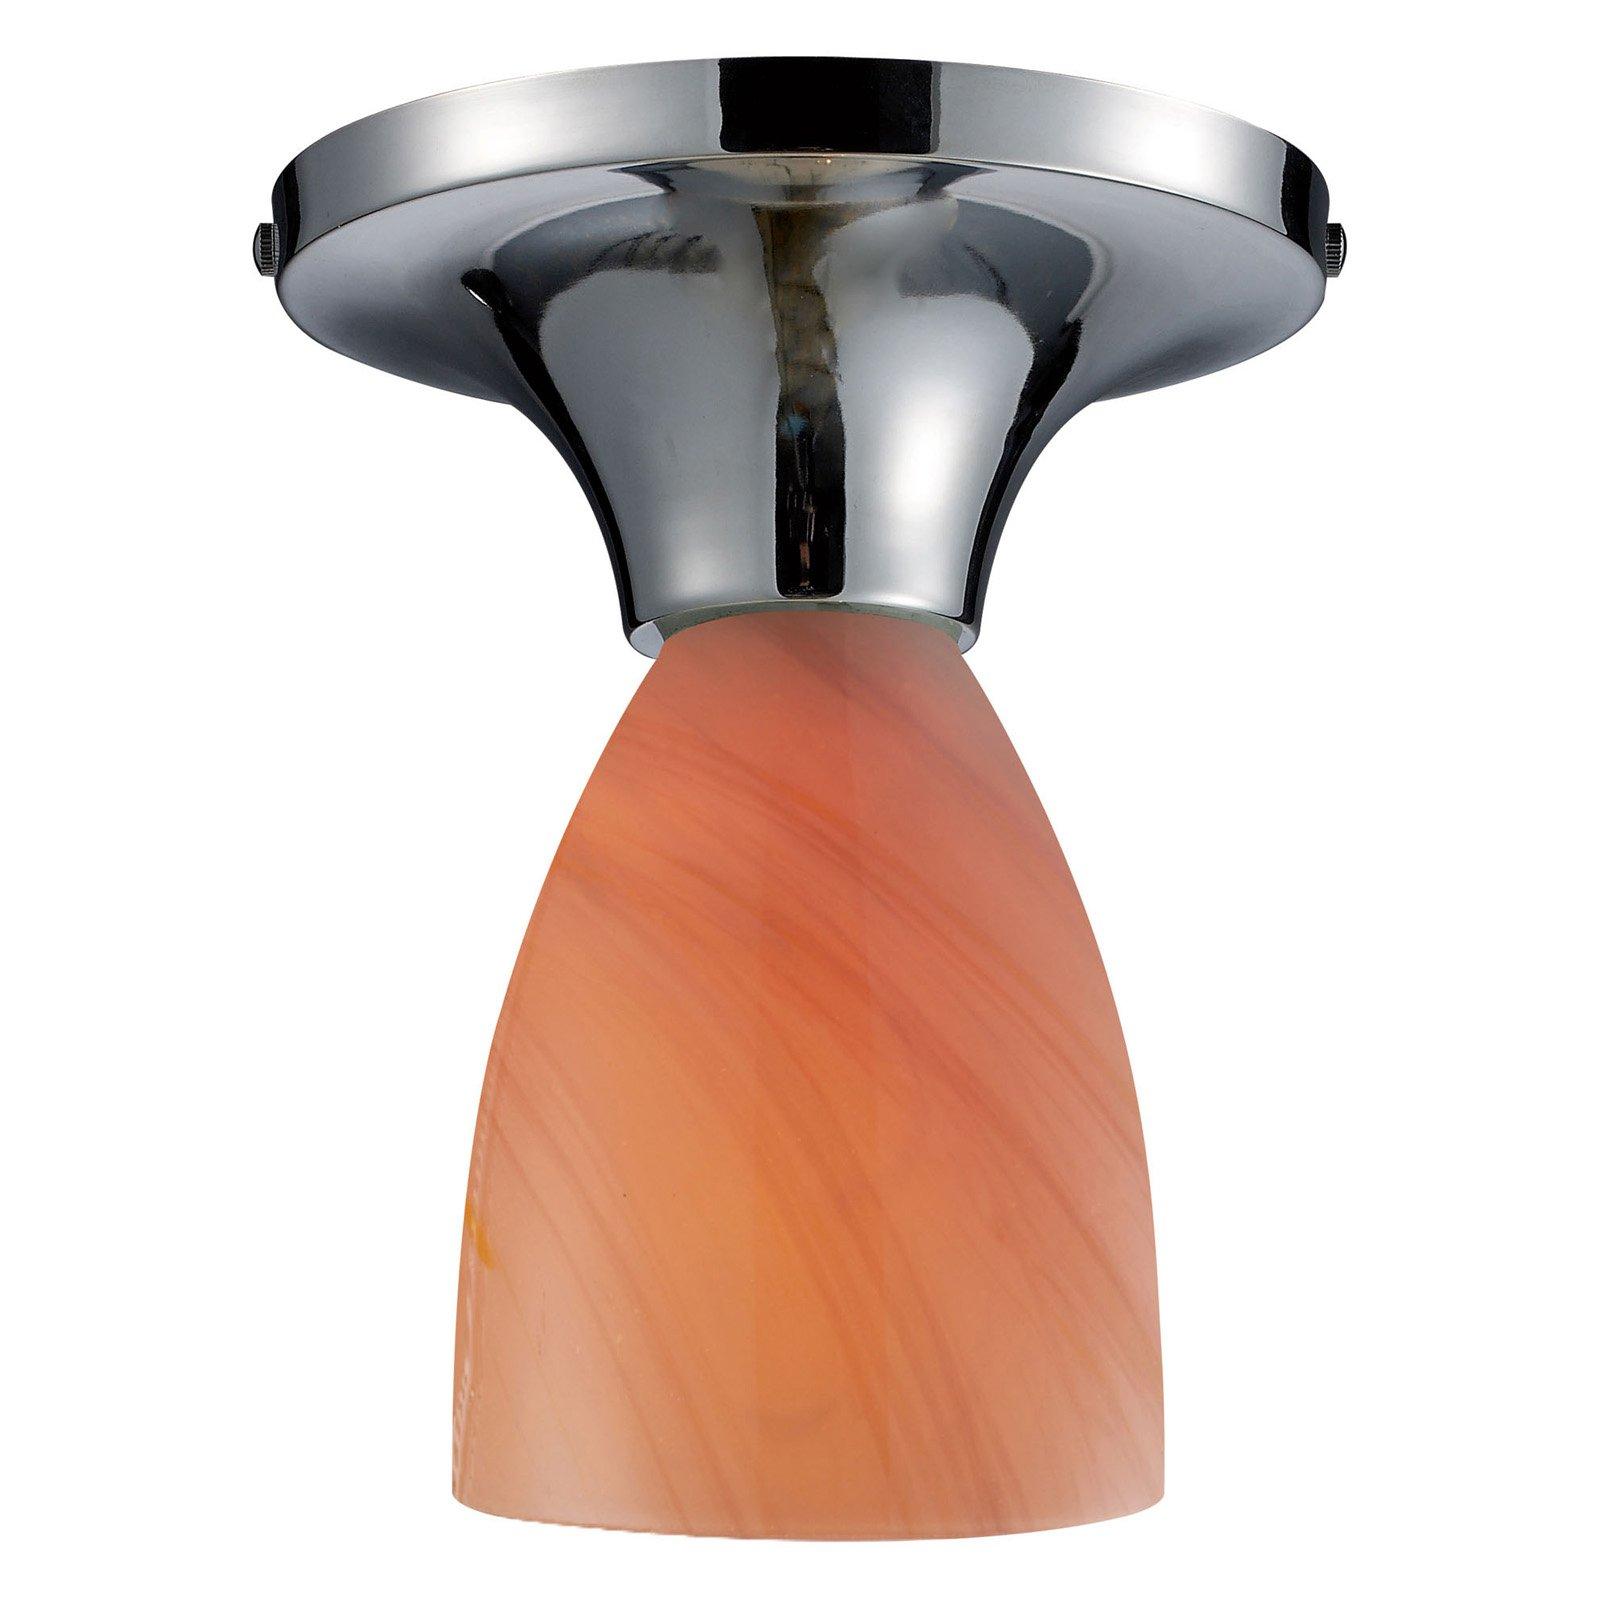 ELK Lighting Celina Sandy Glass Semi Flush Mount Light